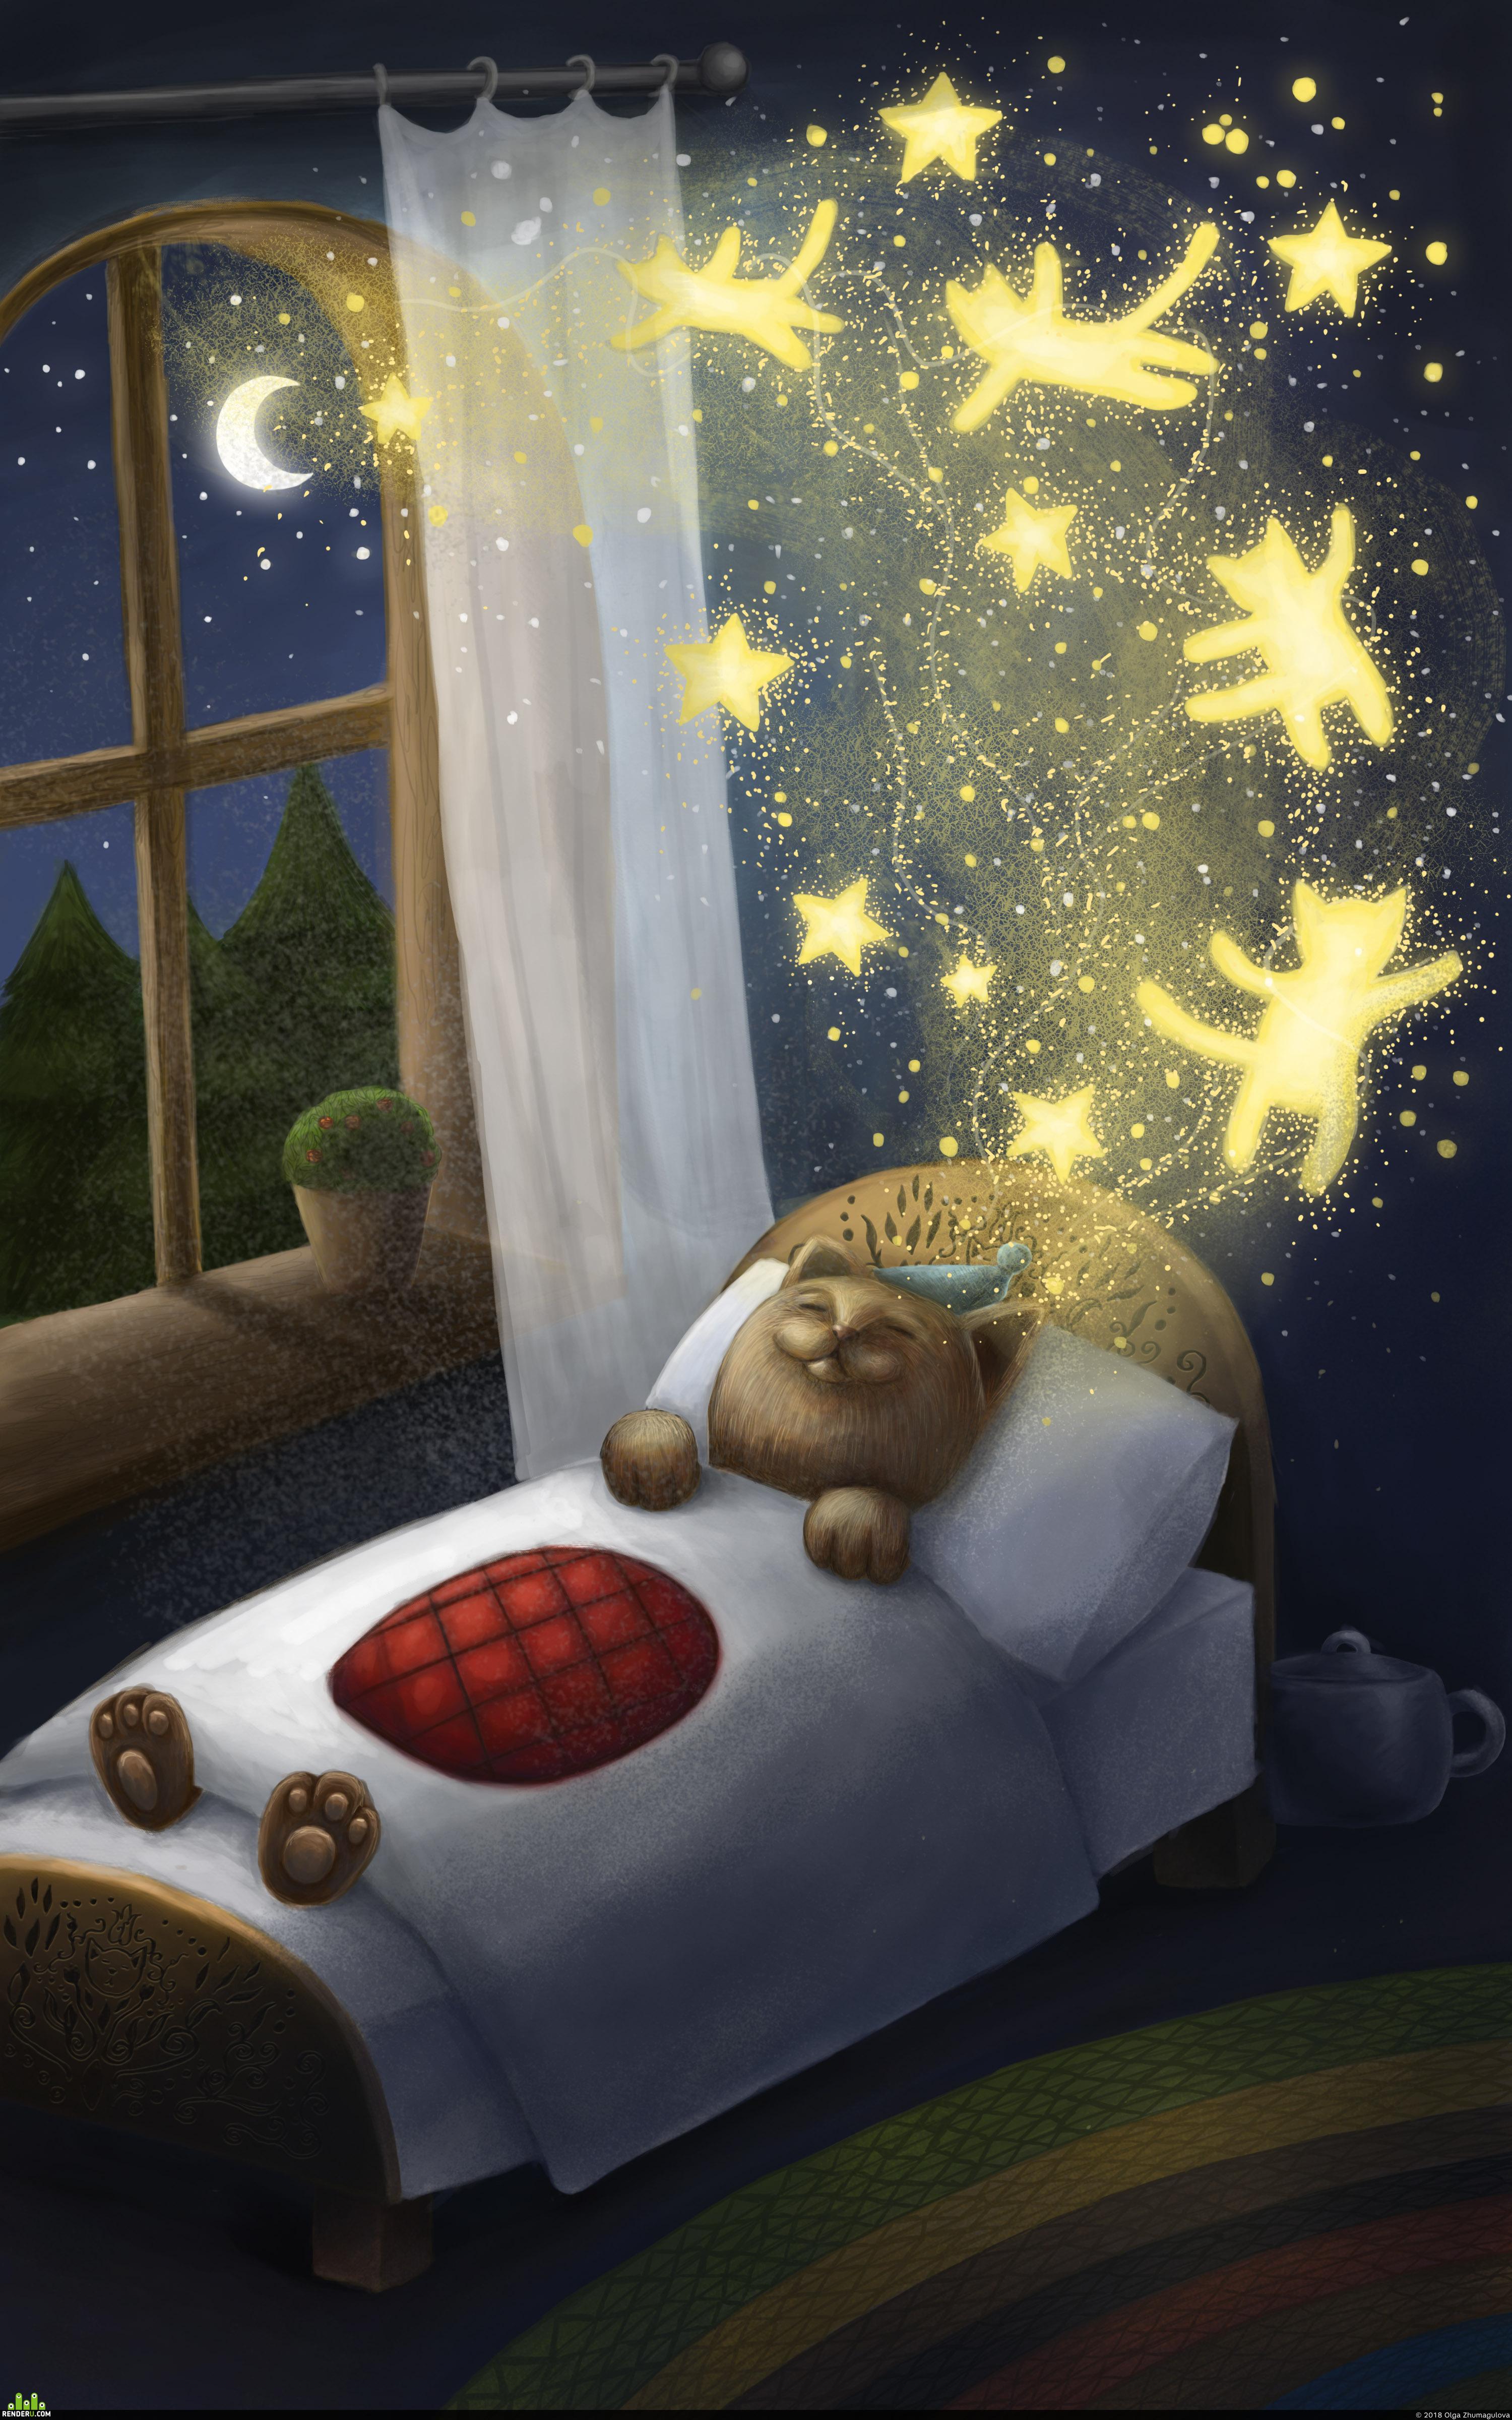 Чудесный сон картинка